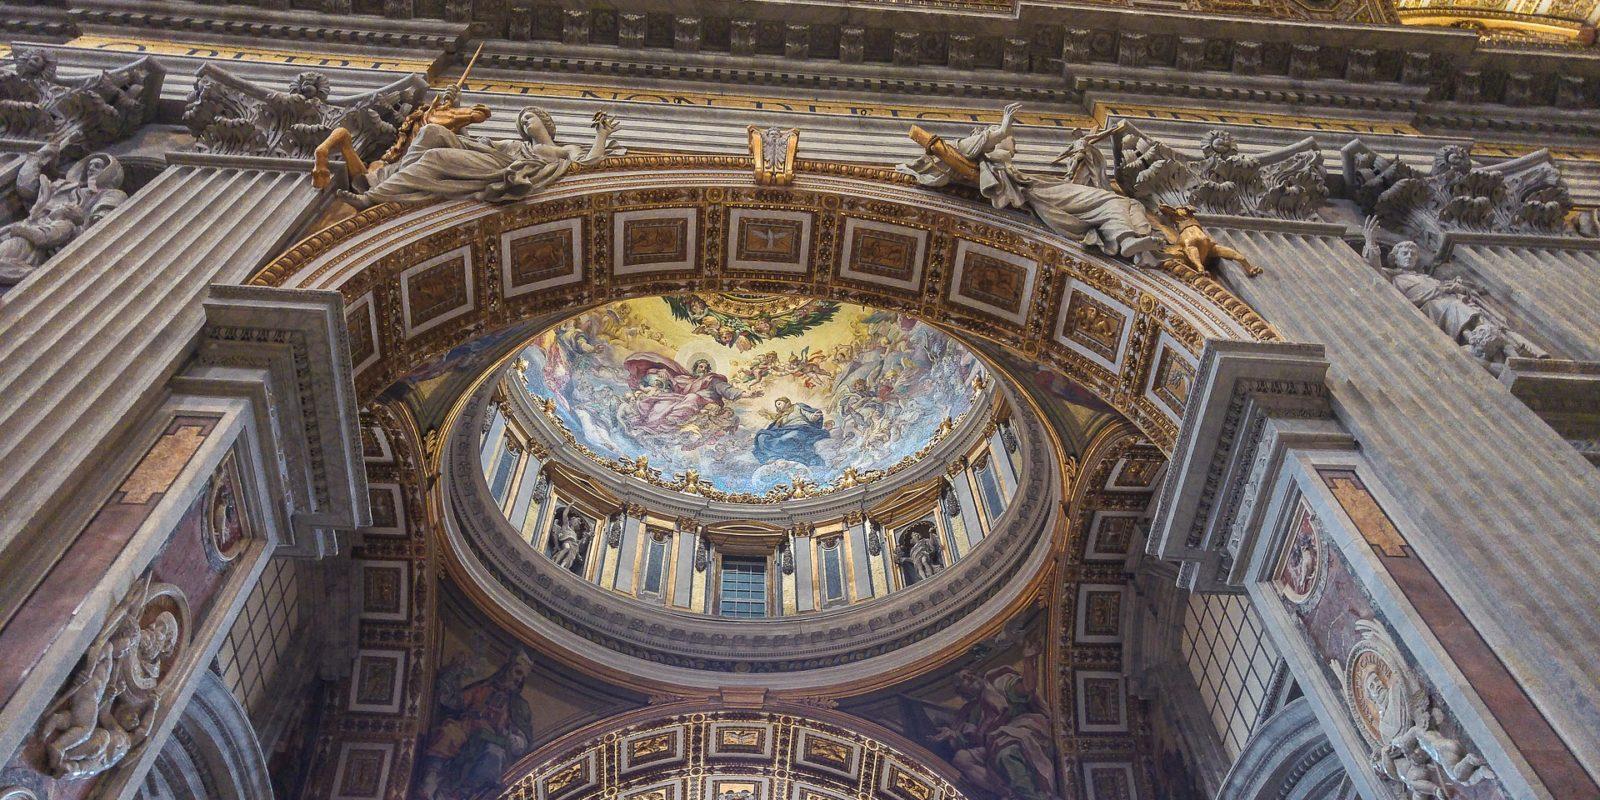 Rome-Vatican Dome, Renaissance Art.